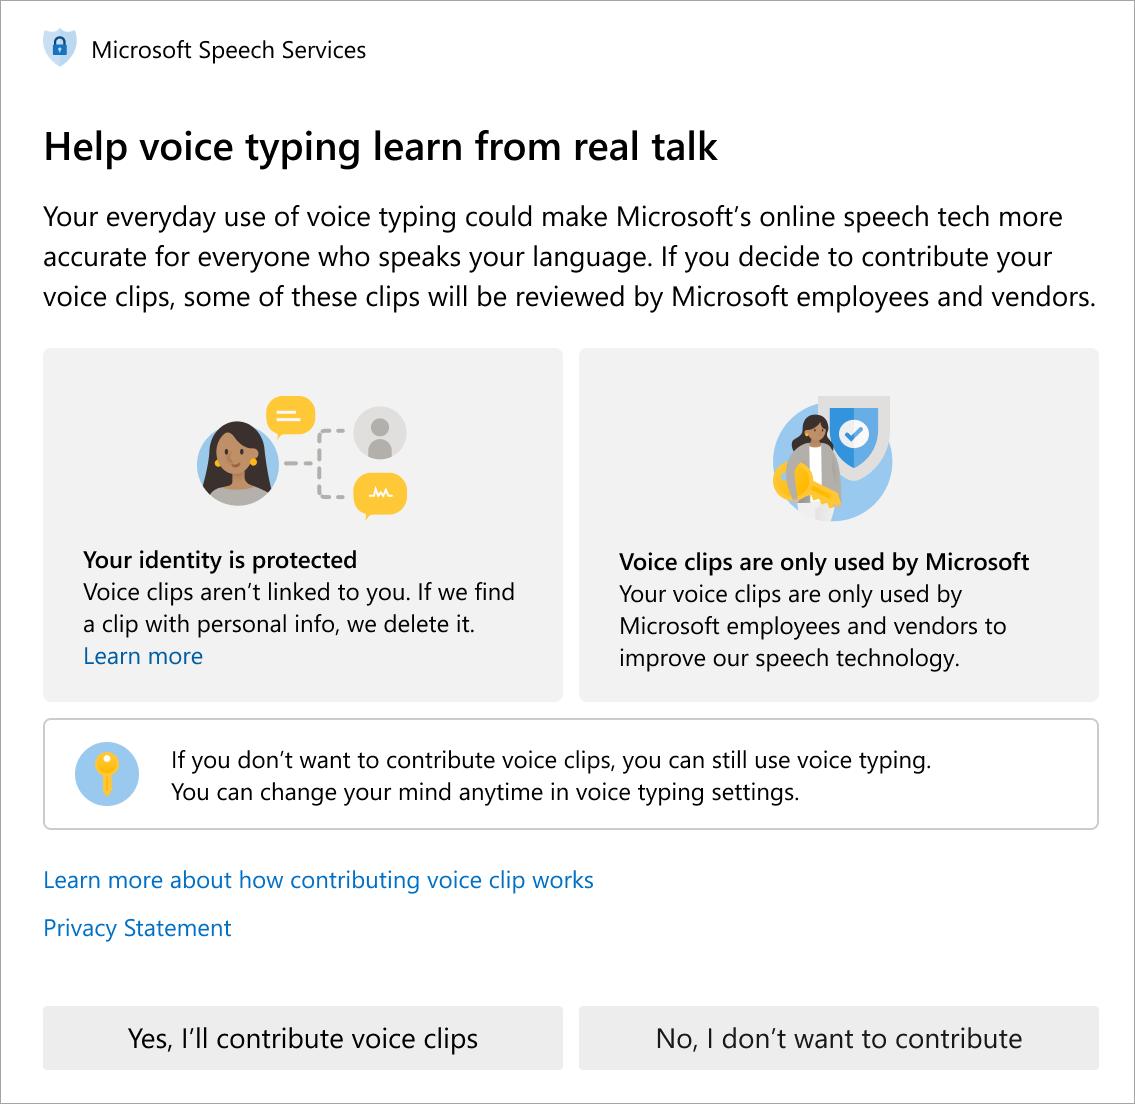 La nueva información de privacidad en audio de Microsoft